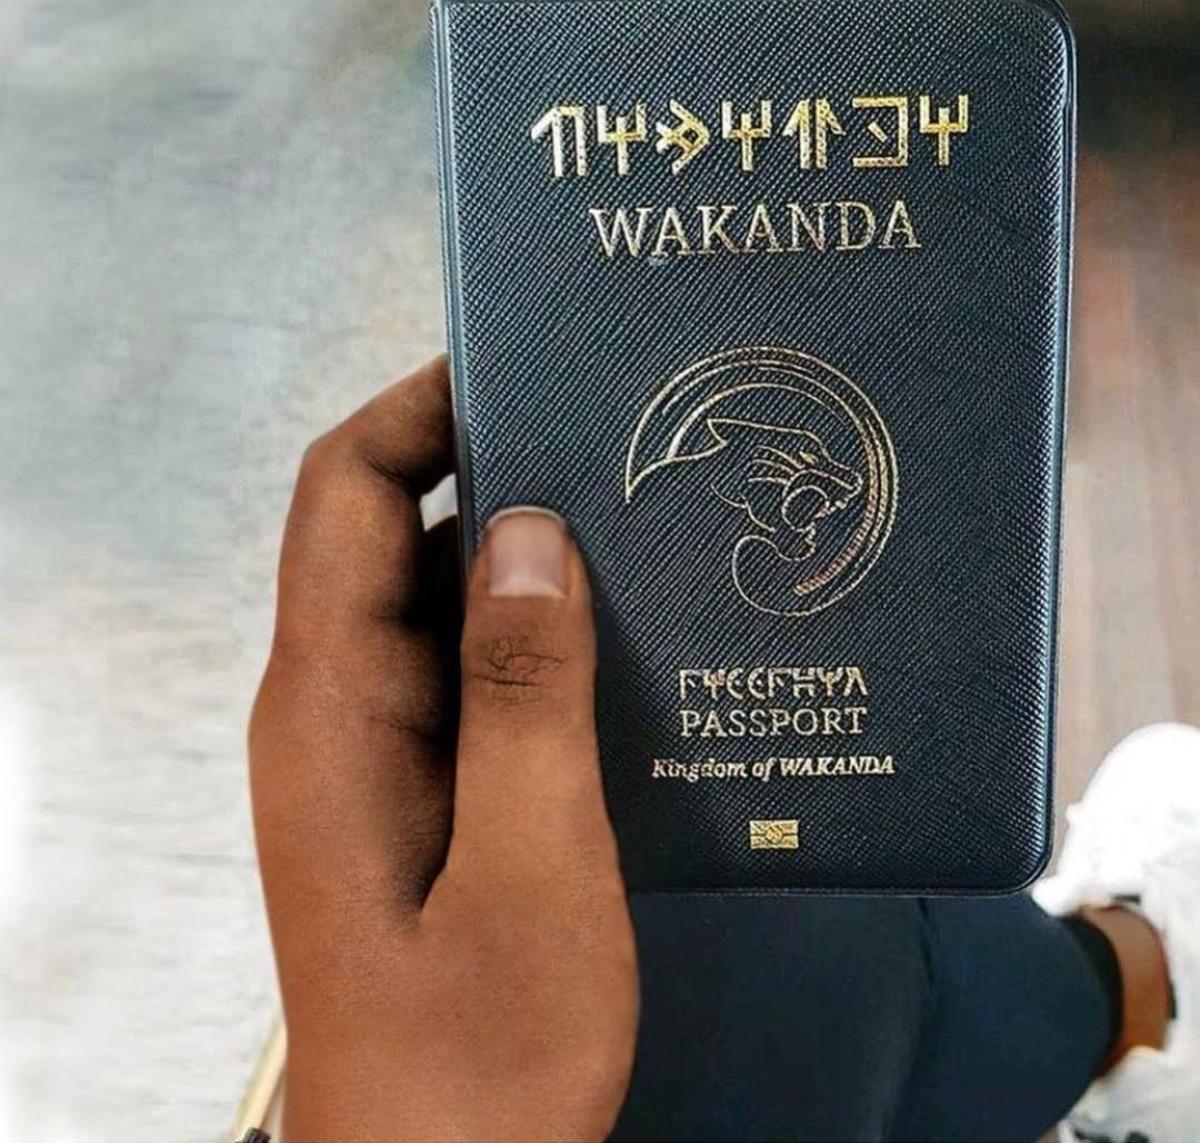 Wakanda Passport